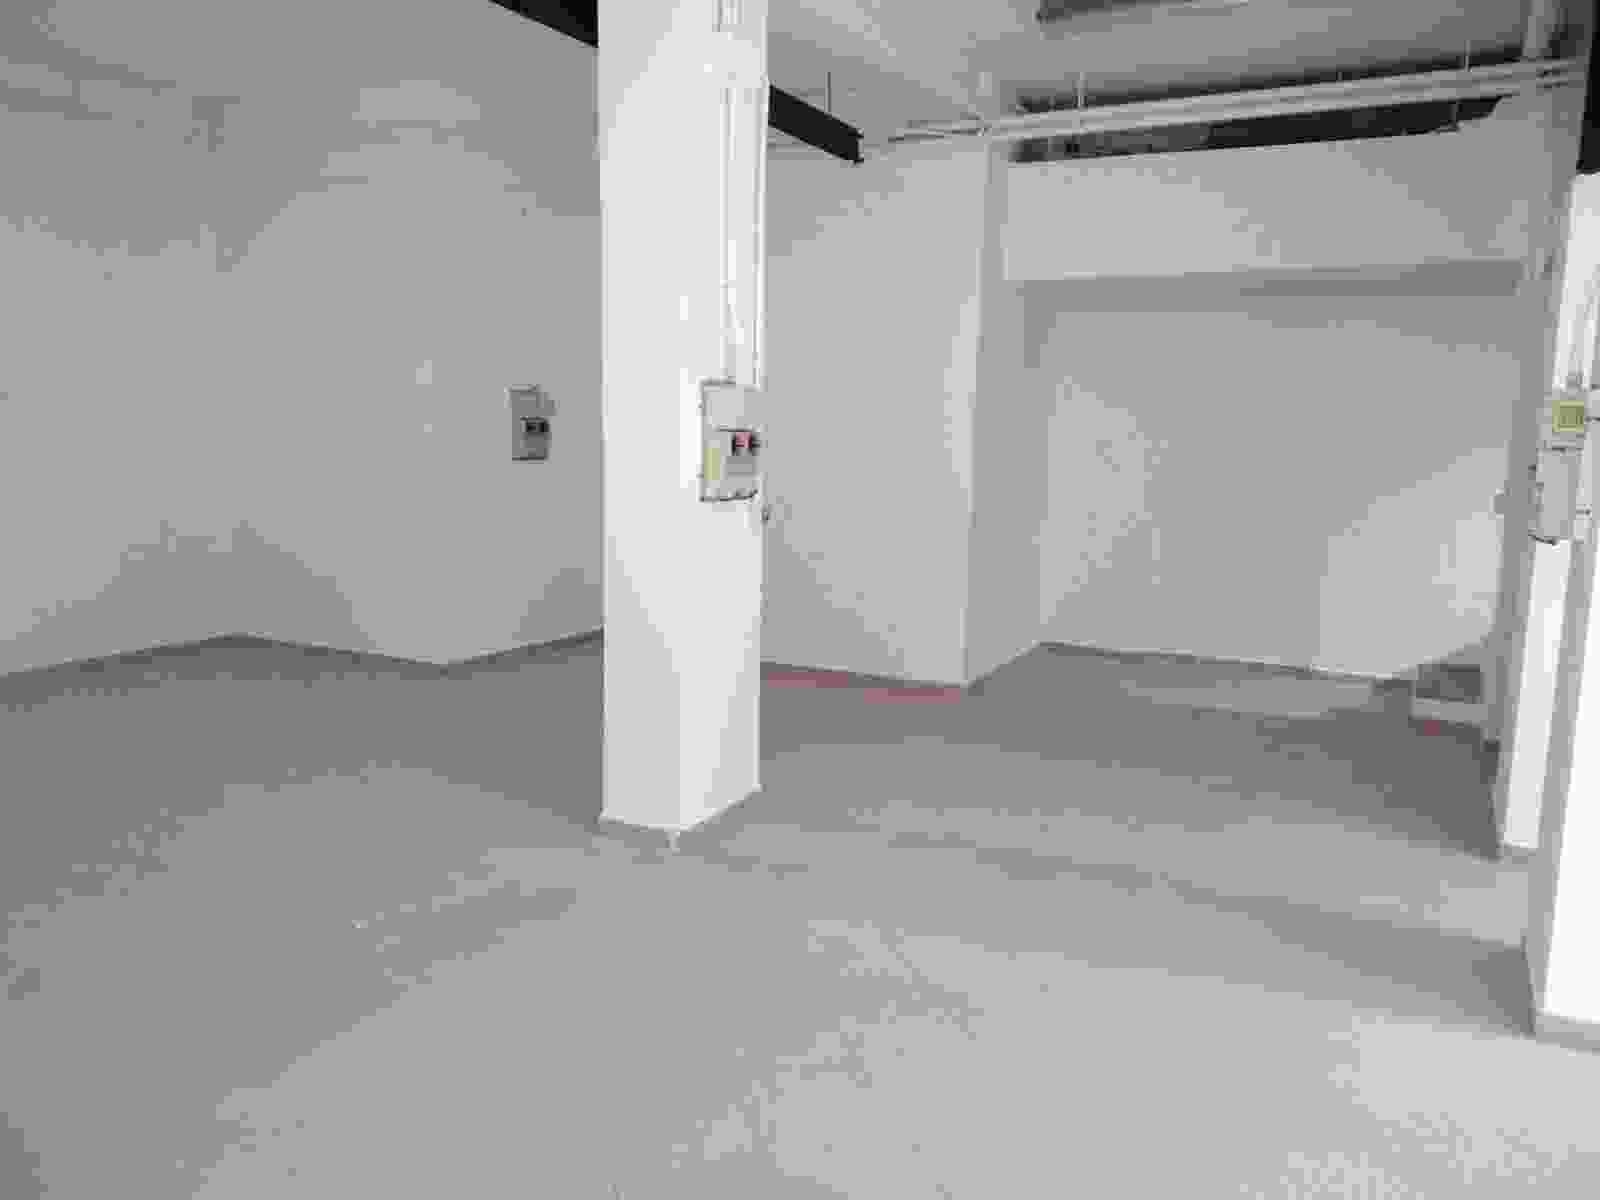 laboratorio-in-affitto-milano-baggio-C2-spaziourbano-immobiliare-vende-4